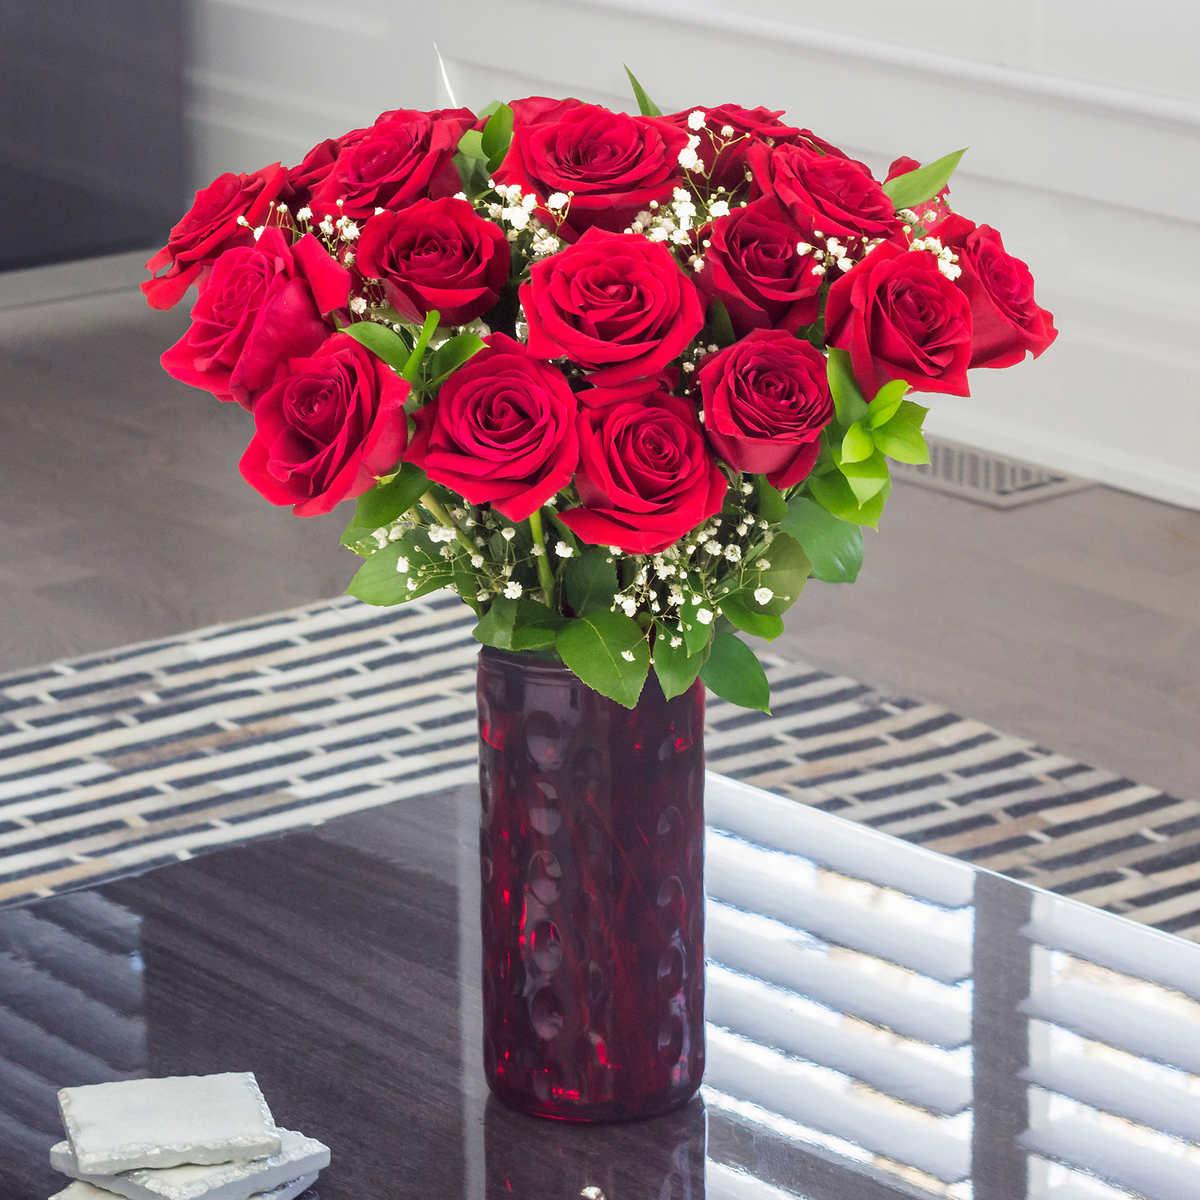 ravishing rose bouquet